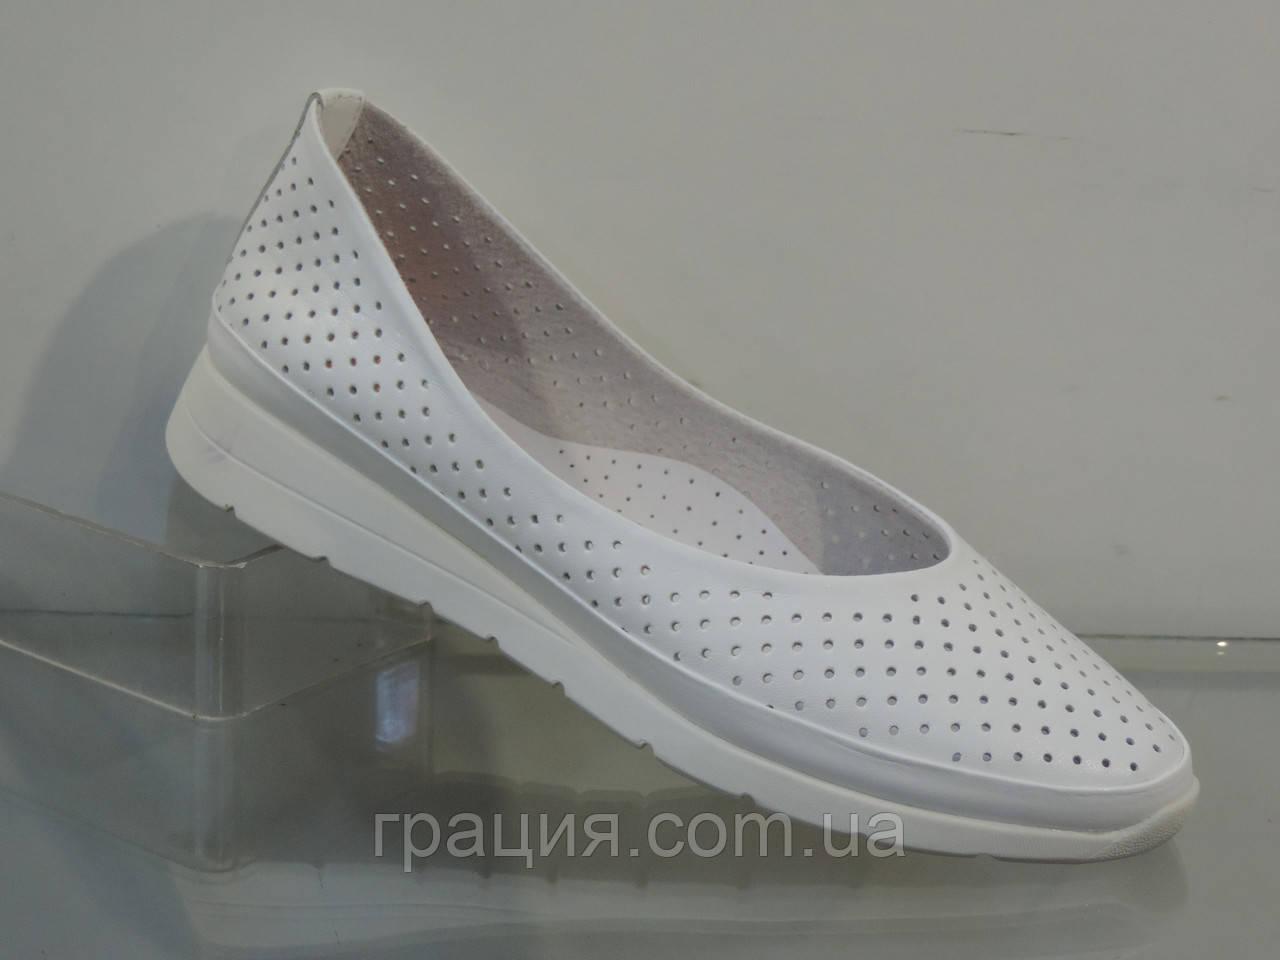 Женские мягкие удобные туфли натуральная кожа